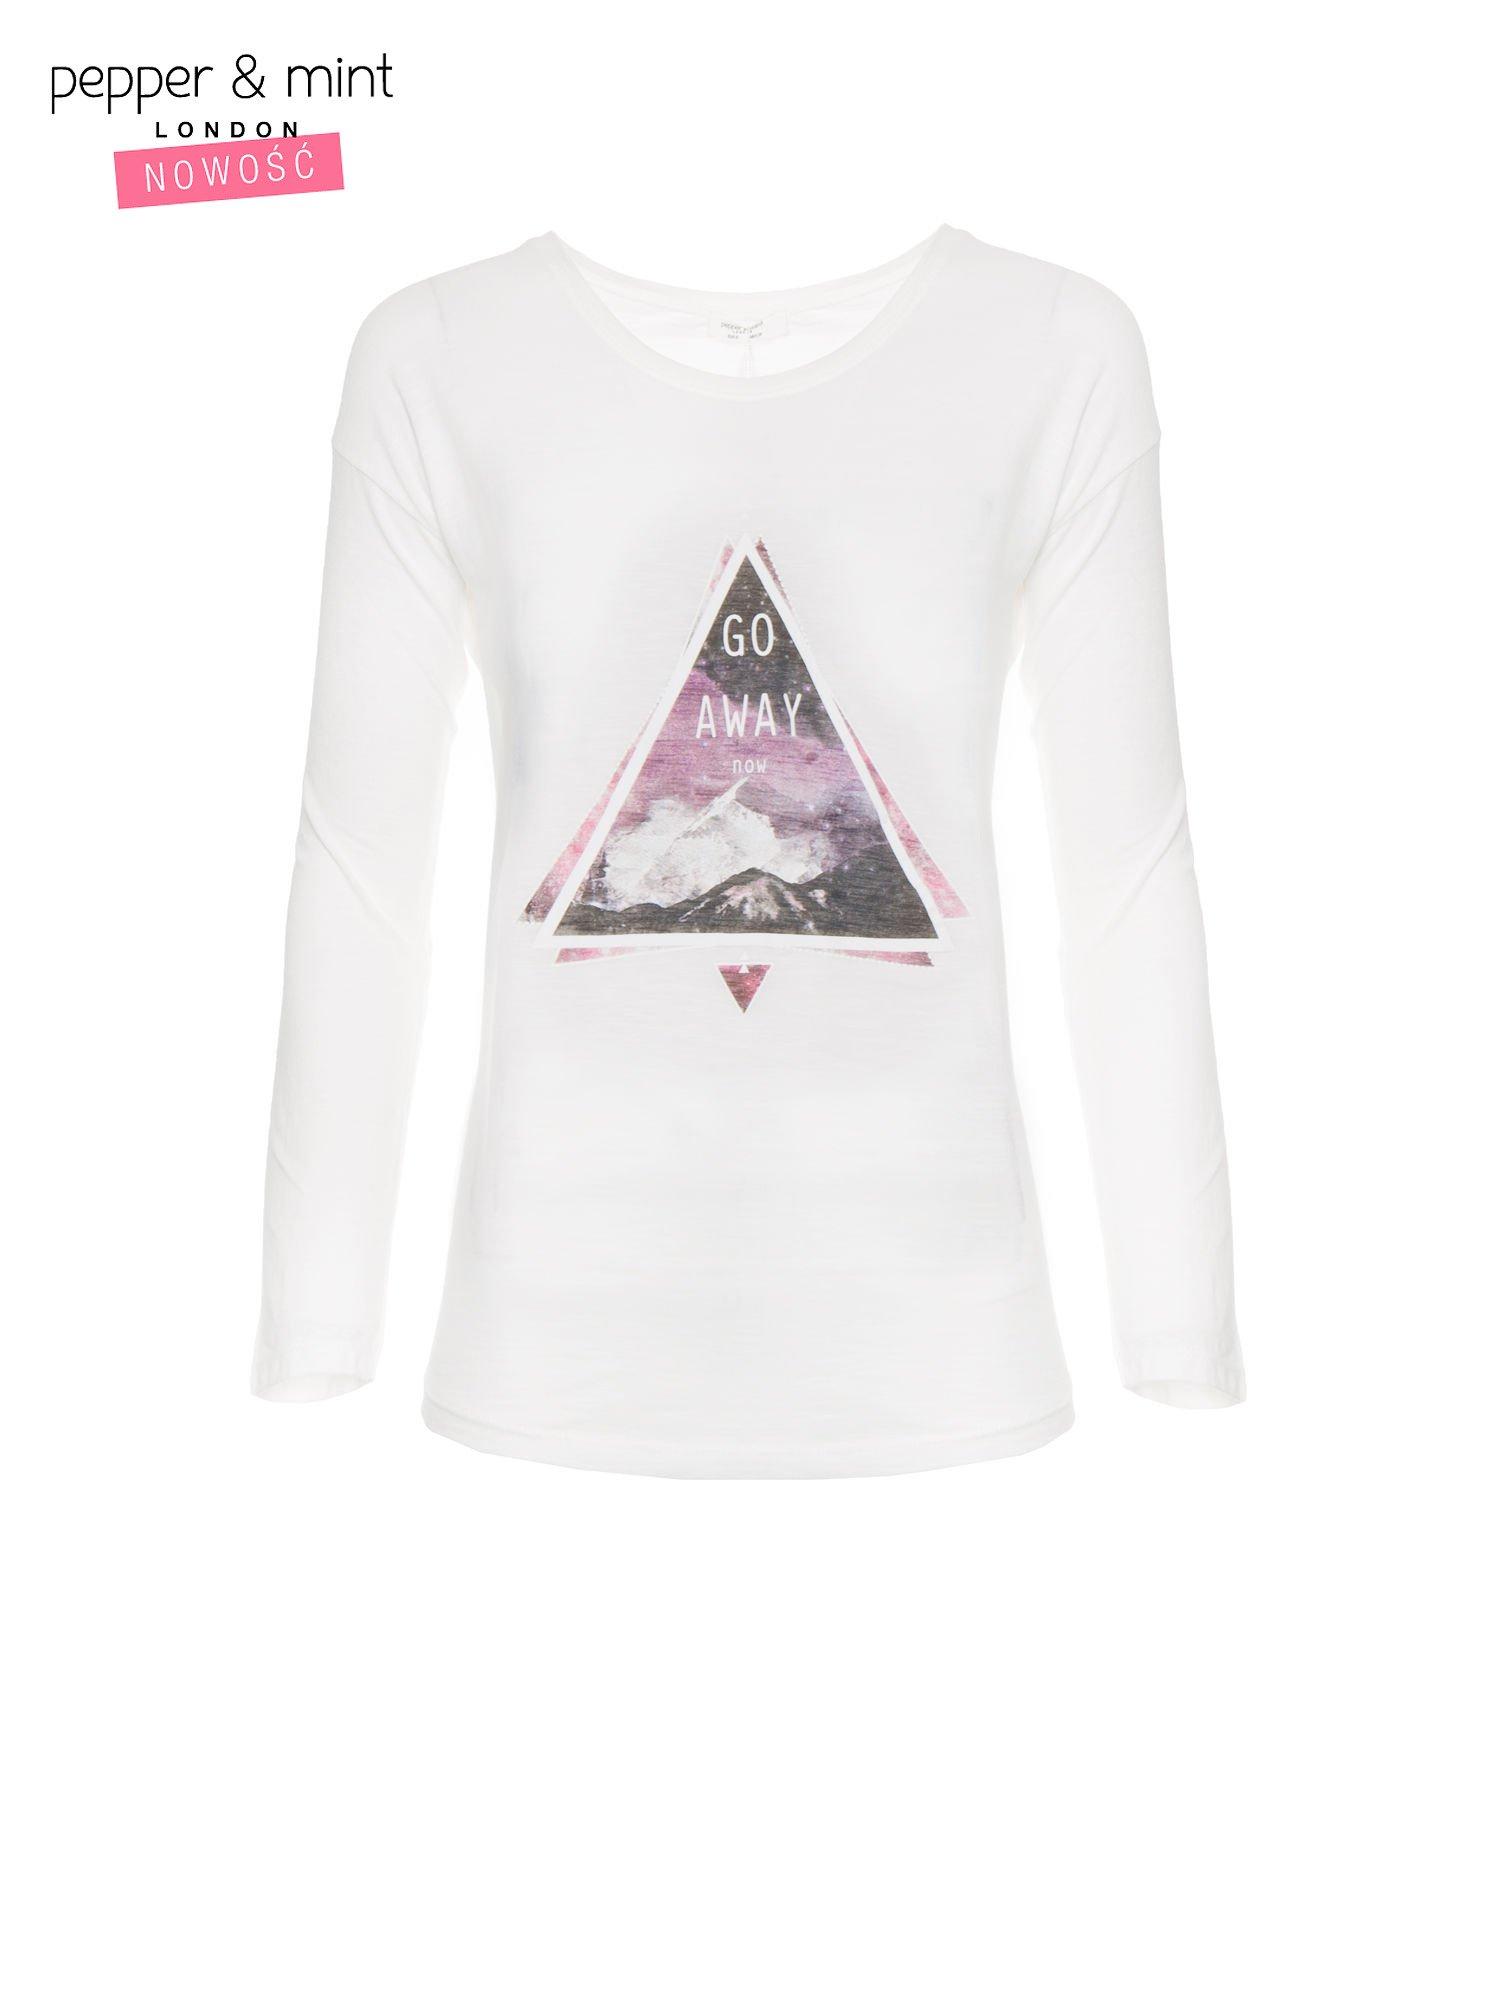 Ecru bluzka z nadrukiem trójkąta i napisem GO AWAY NOW                                  zdj.                                  5